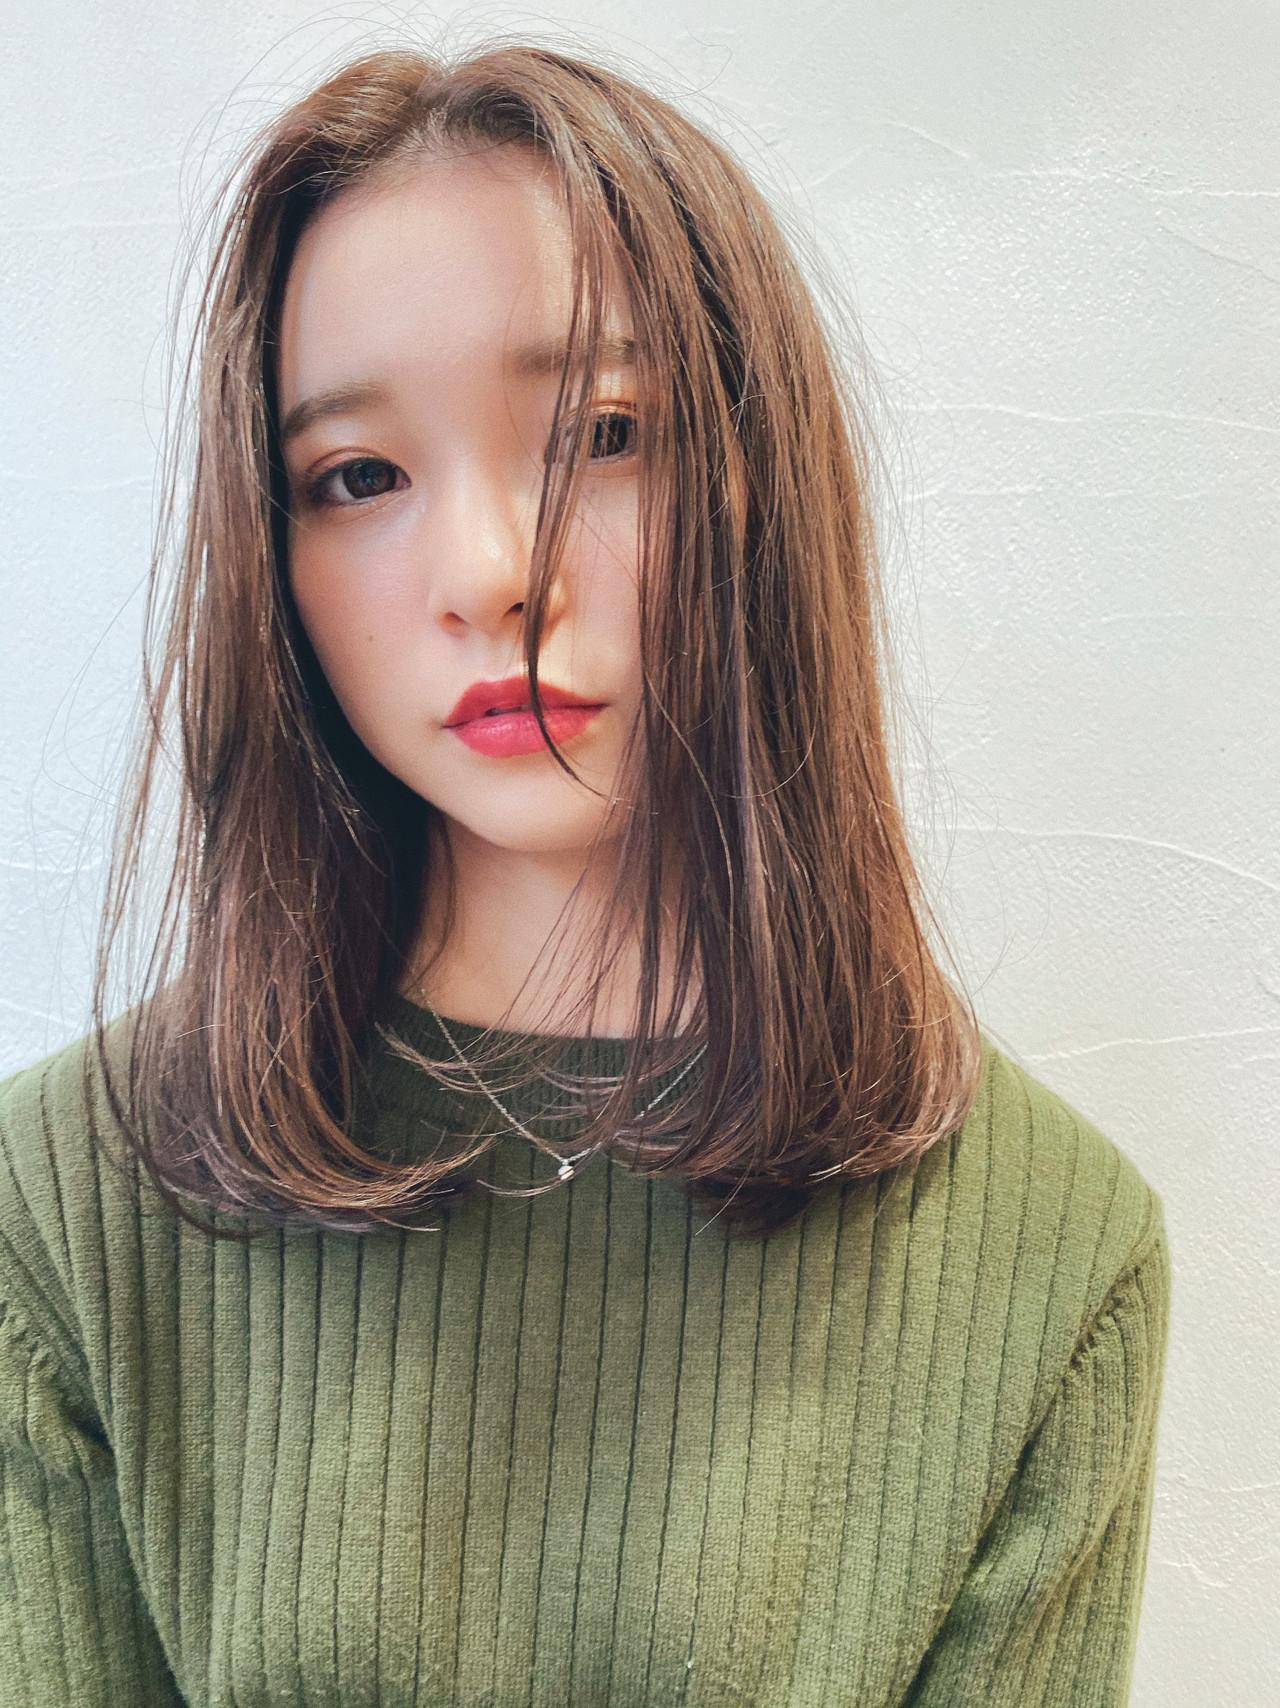 ガーリー 透け感 ベージュ ハイライト ヘアスタイルや髪型の写真・画像